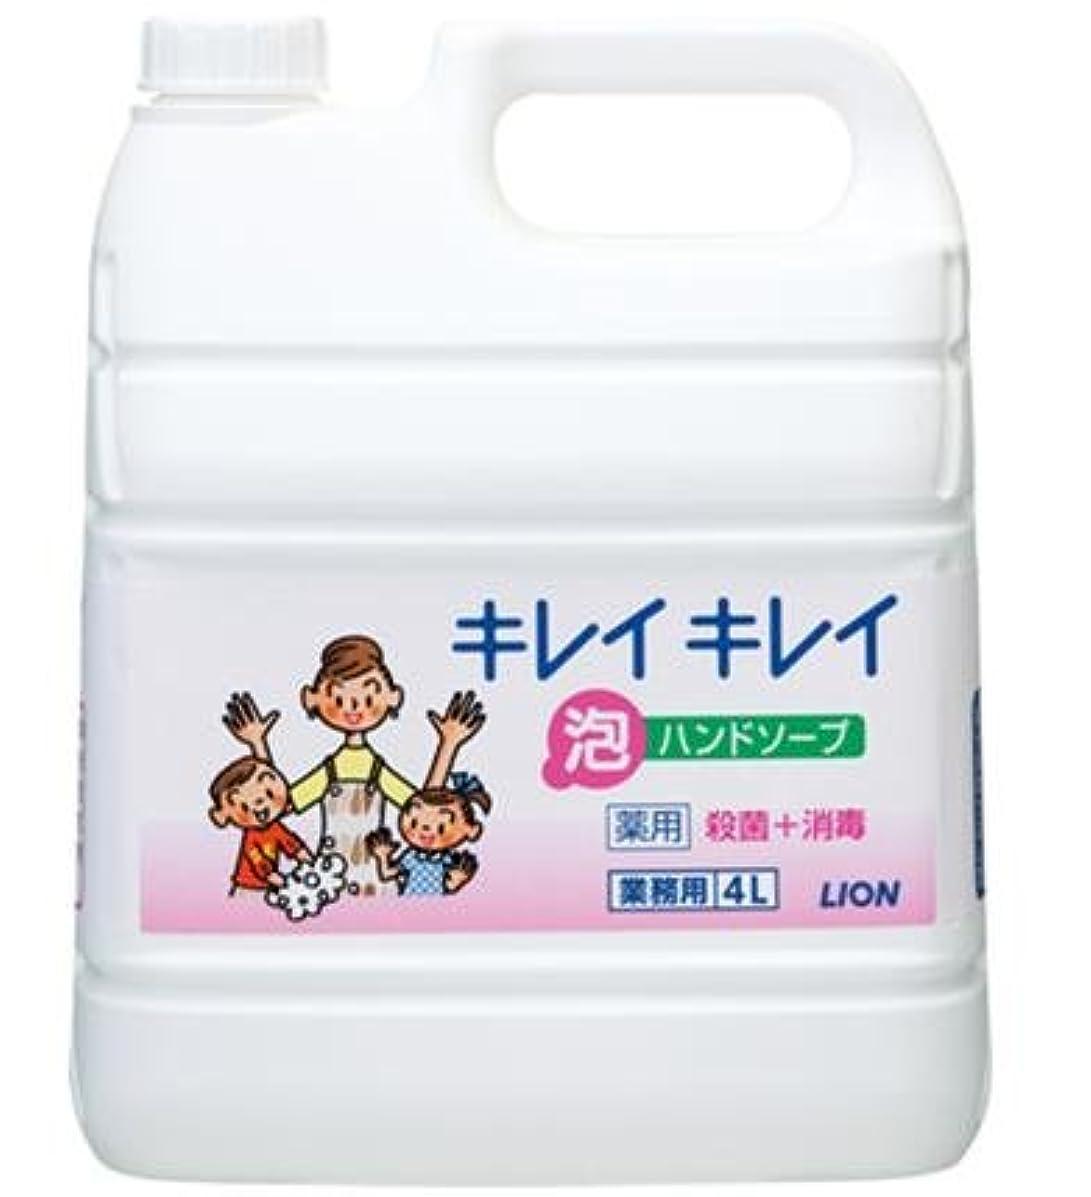 第四迷信一般キレイキレイ薬用泡ハンドソープ 4Lボトル+専用泡容器250mLセット